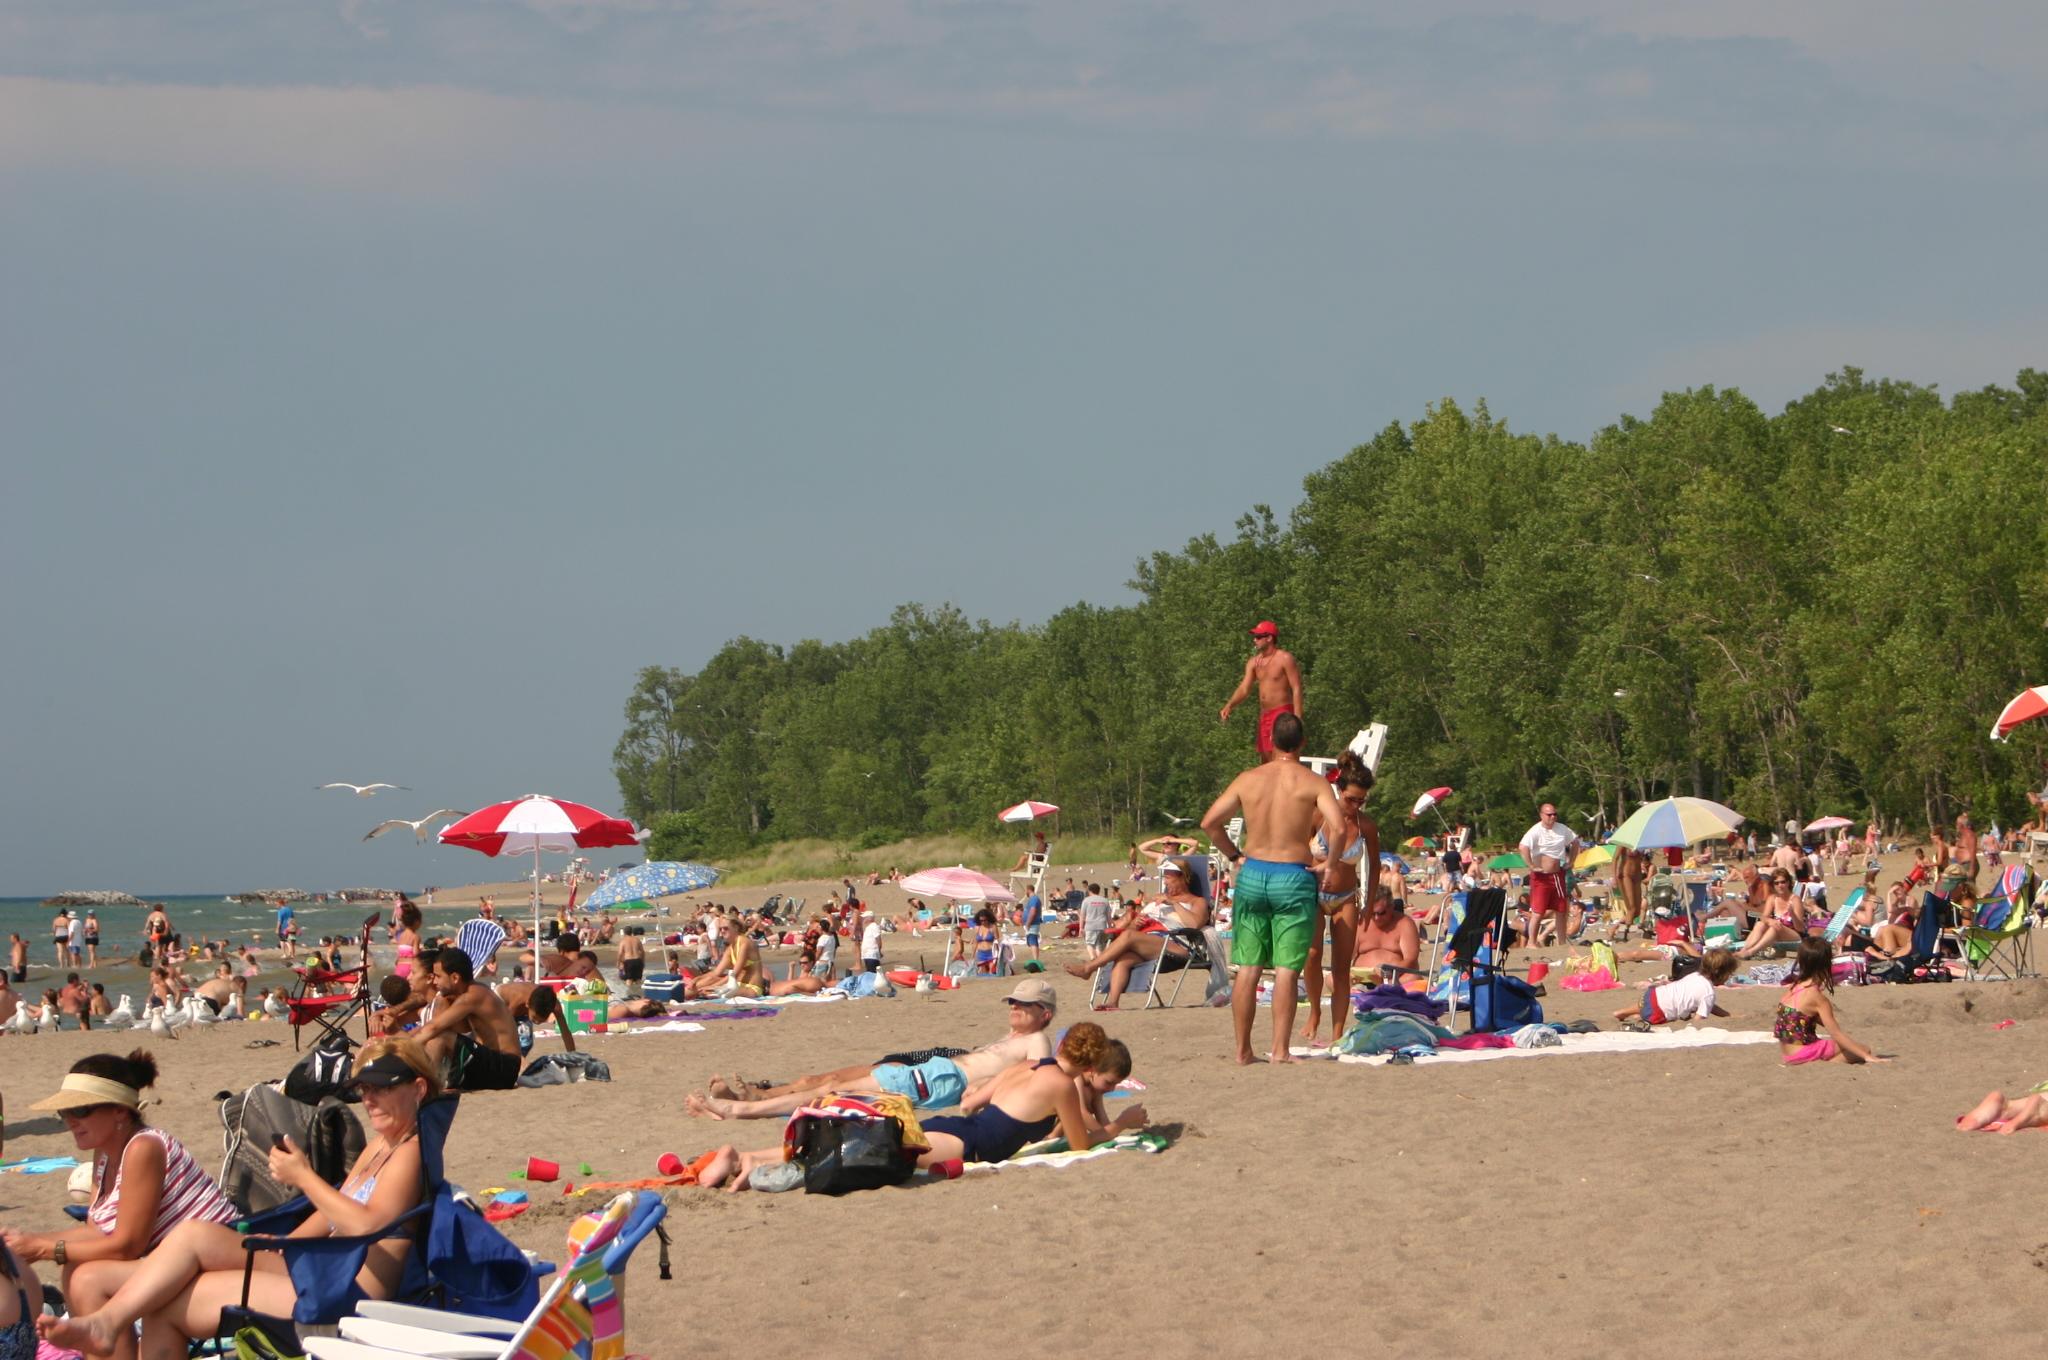 presque isle beach 5_1495895320893.JPG